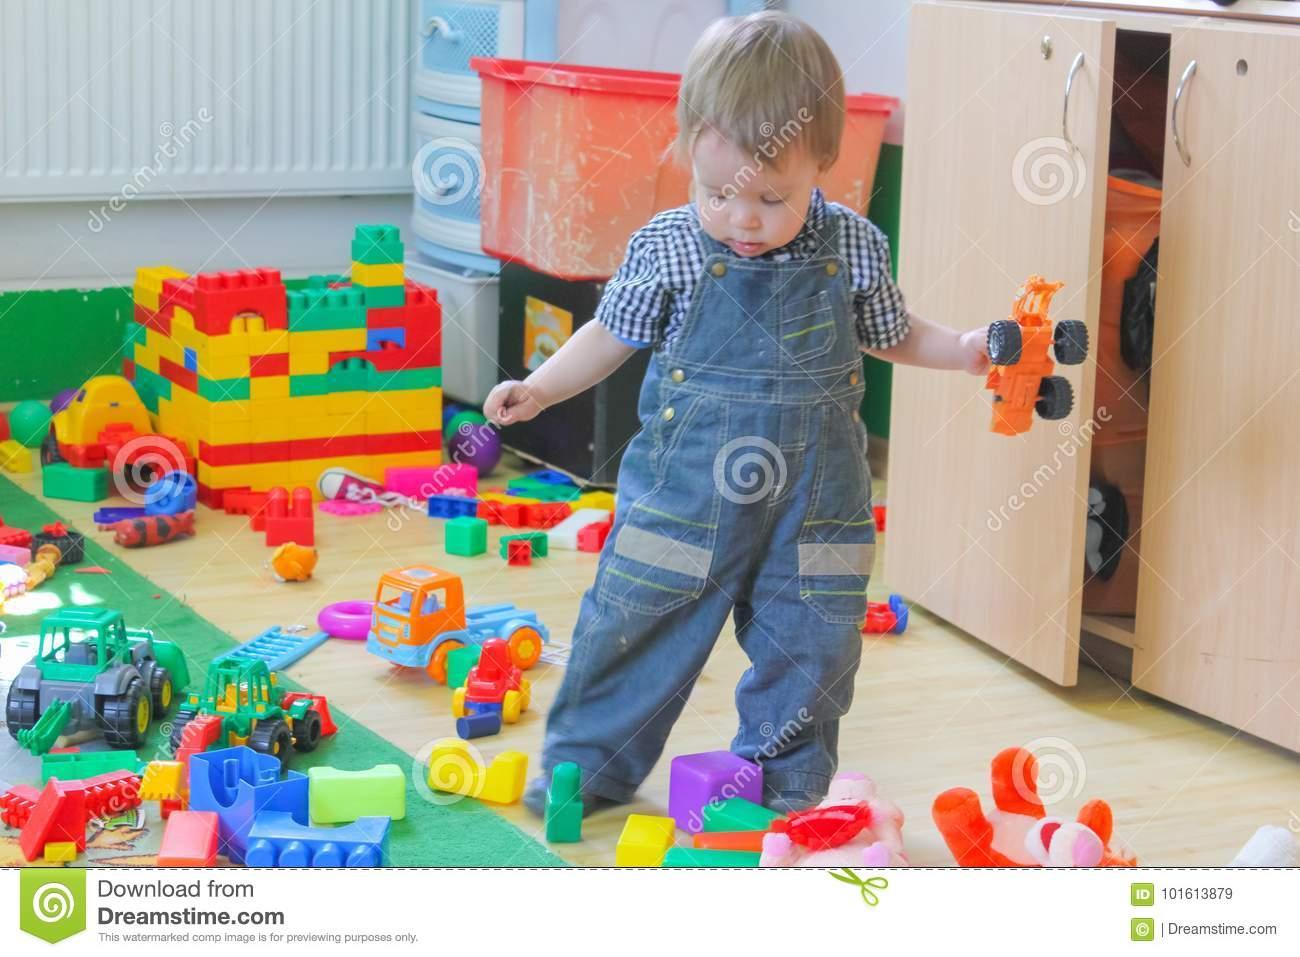 Jeux De Petit Garçon Avec Des Voitures De Jouet Enfant Parmi tout Les Jeux De Petit Garcon